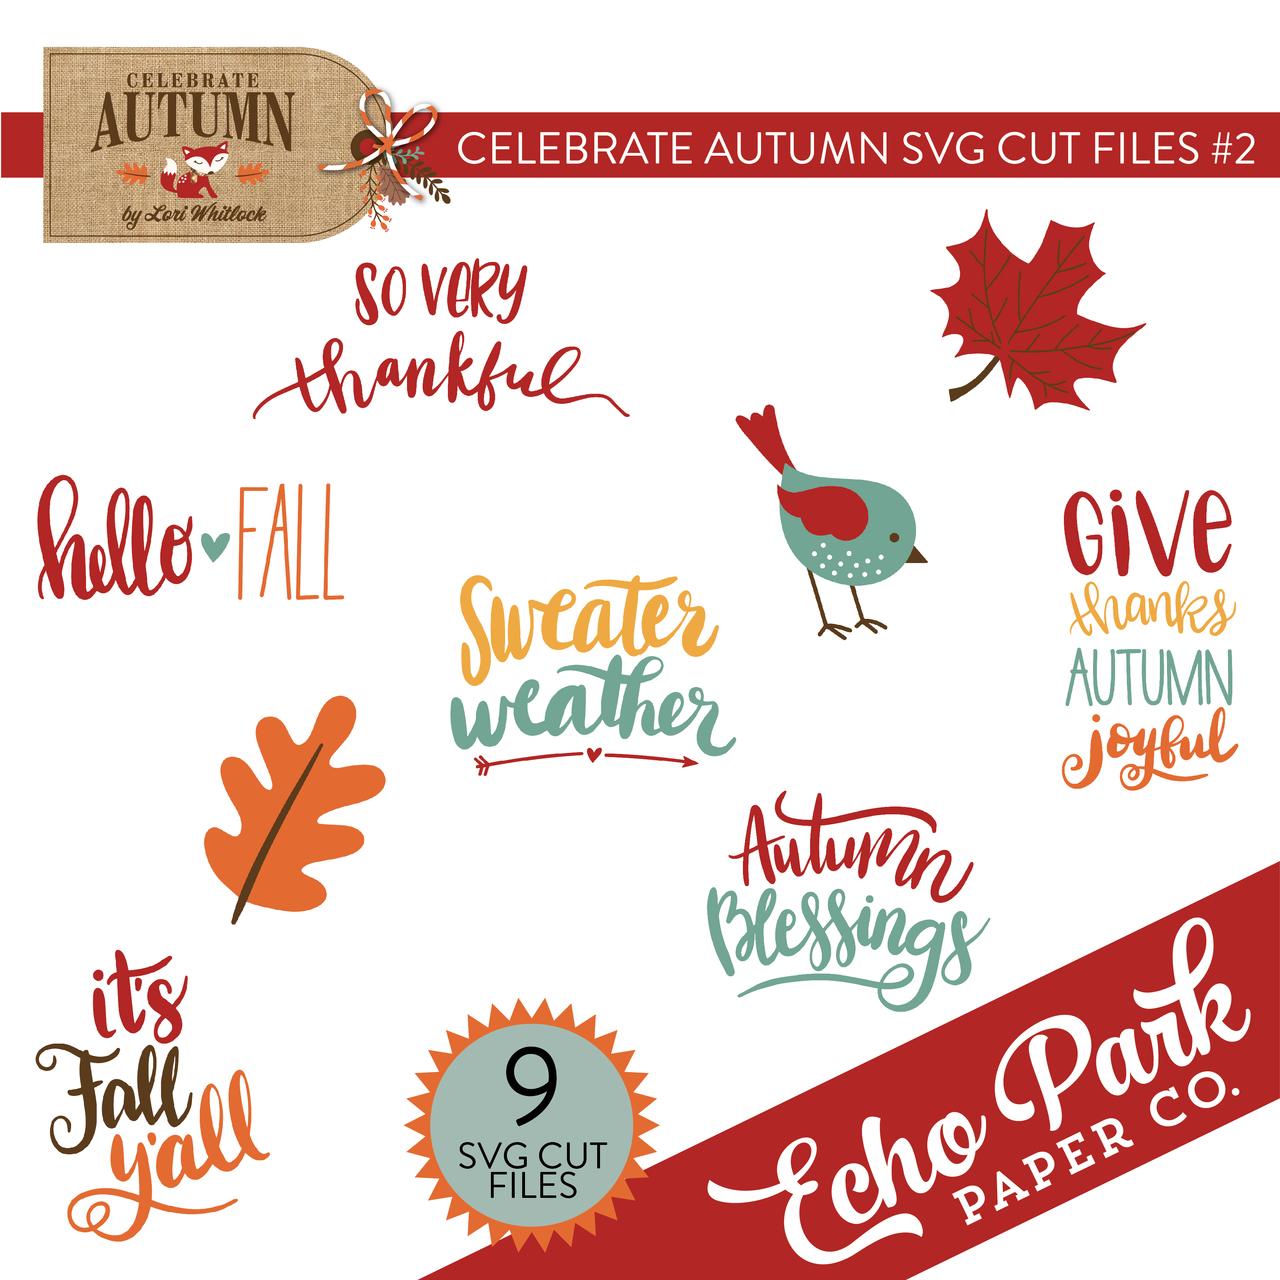 Celebrate Autumn SVG Cut Files #2